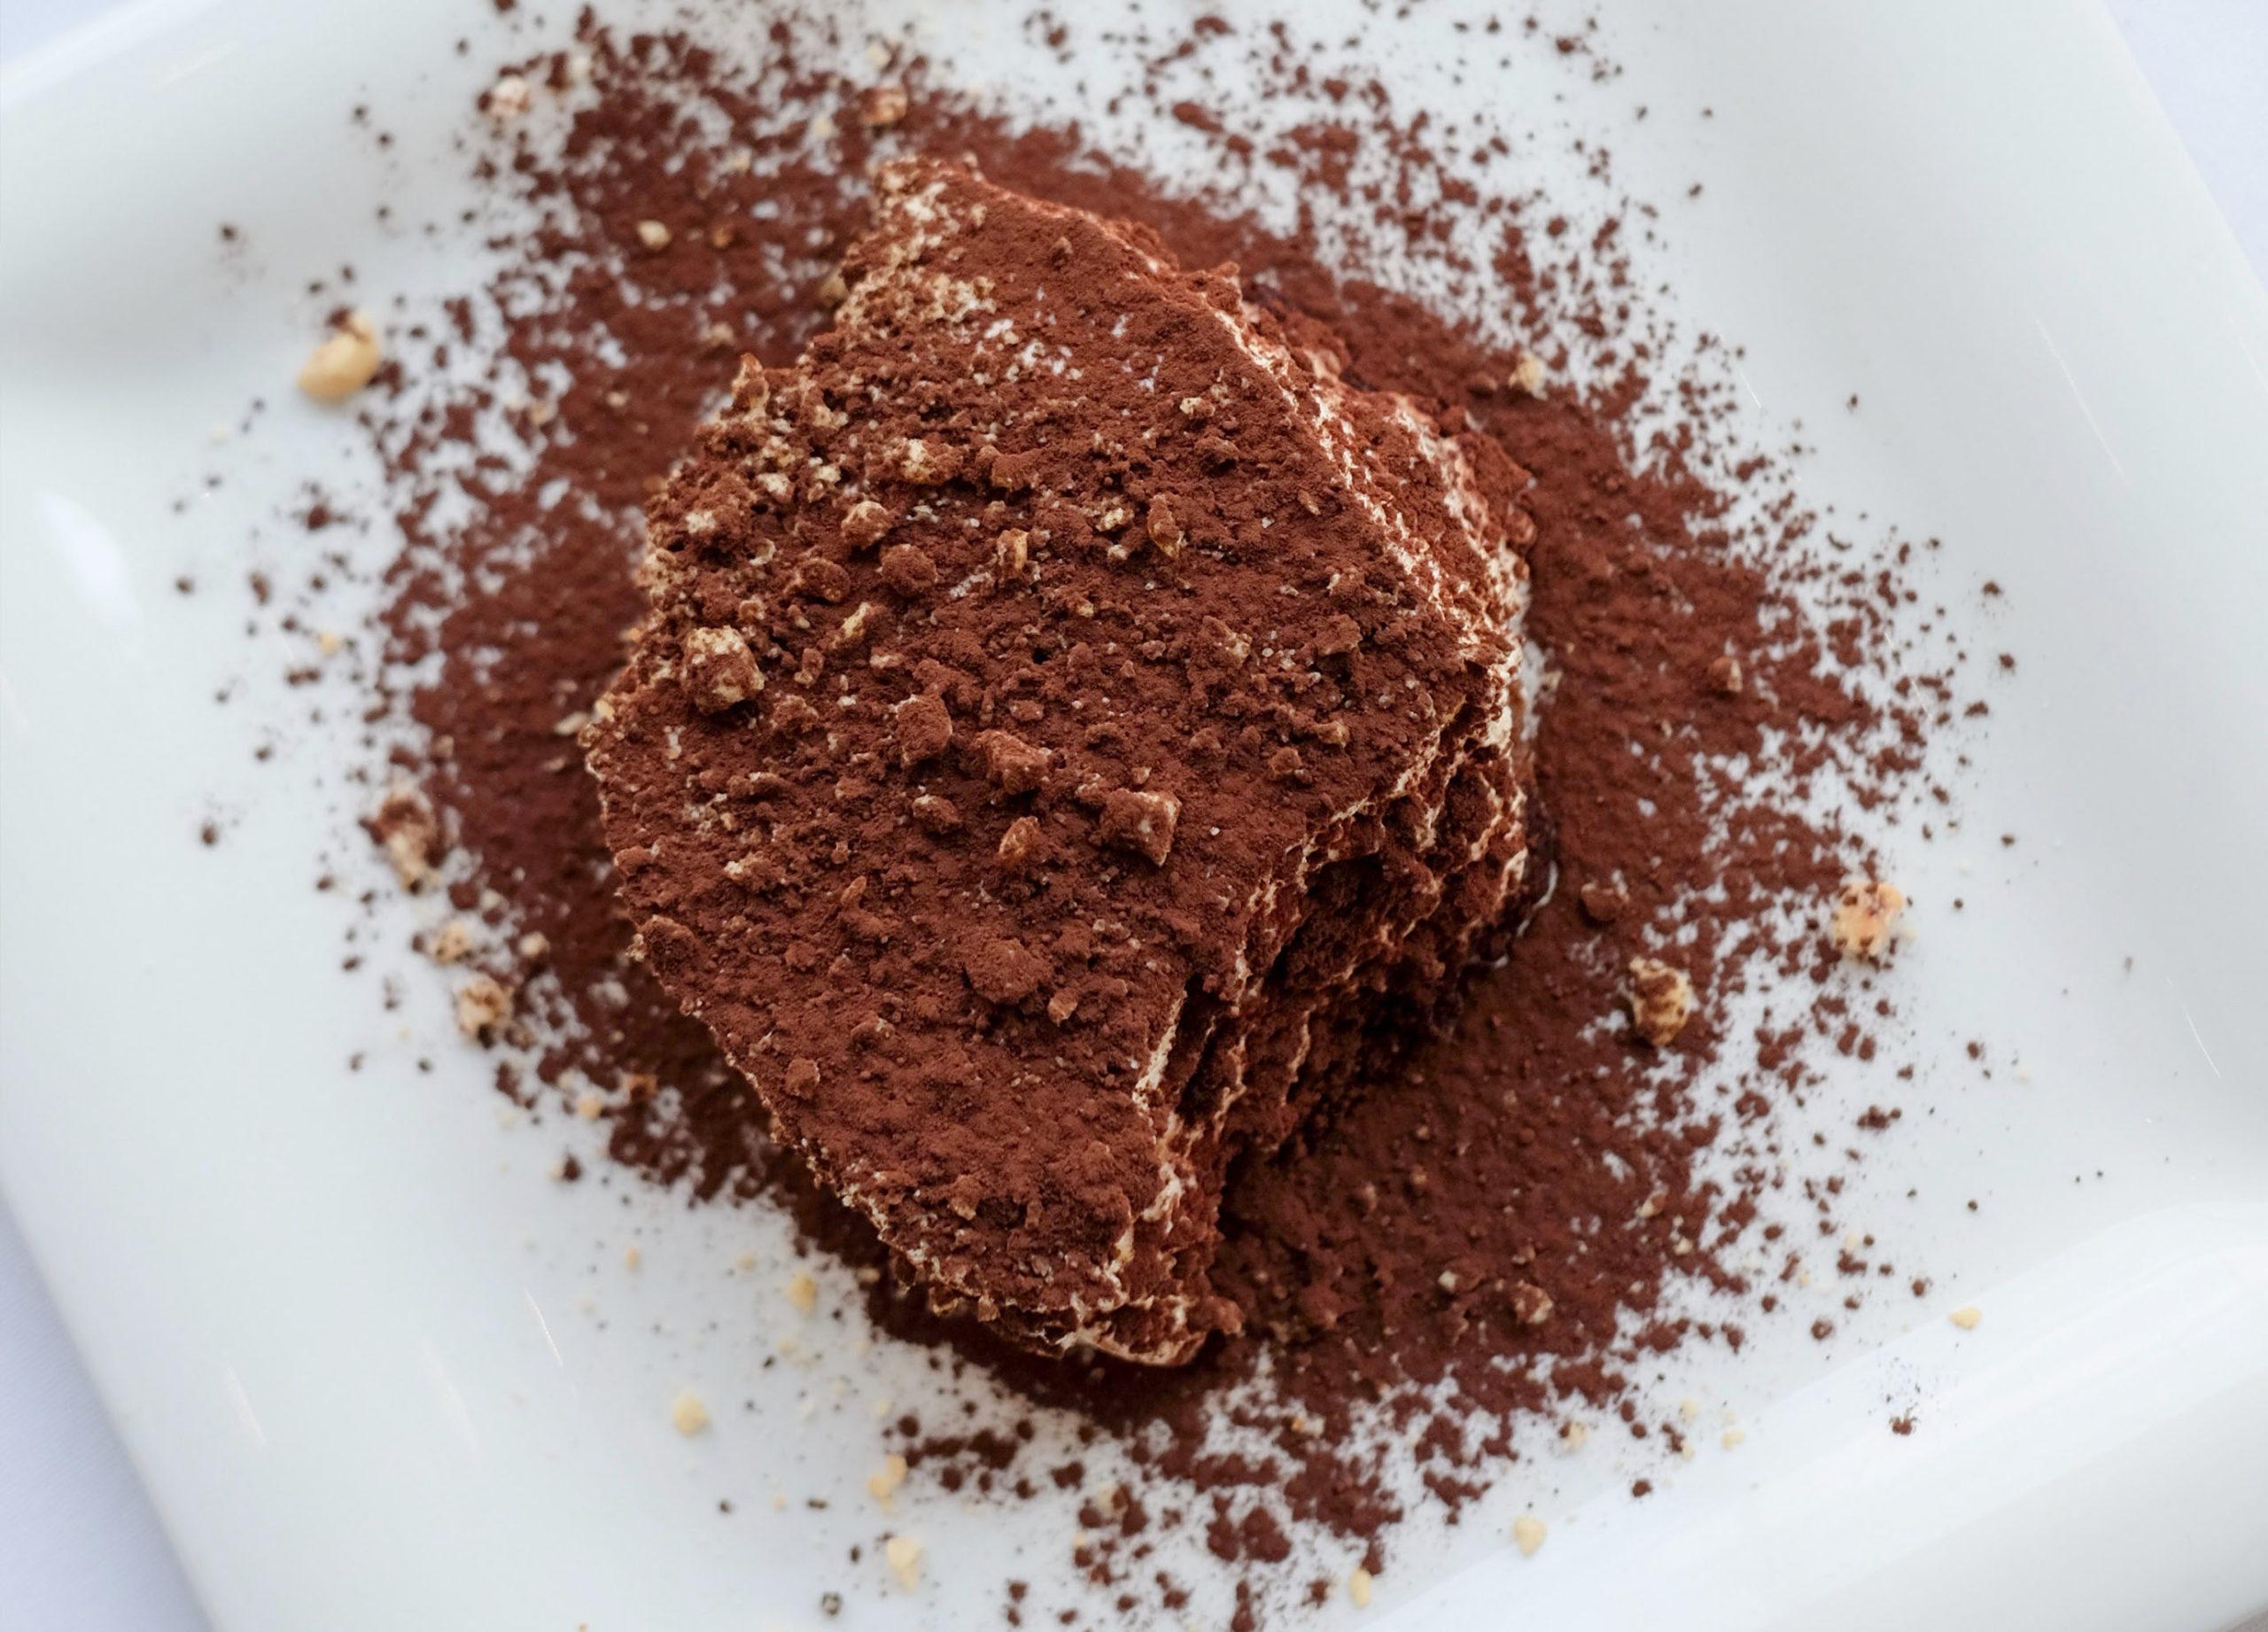 Vue de haut d'une part de tiramisu recouverte de chocolat